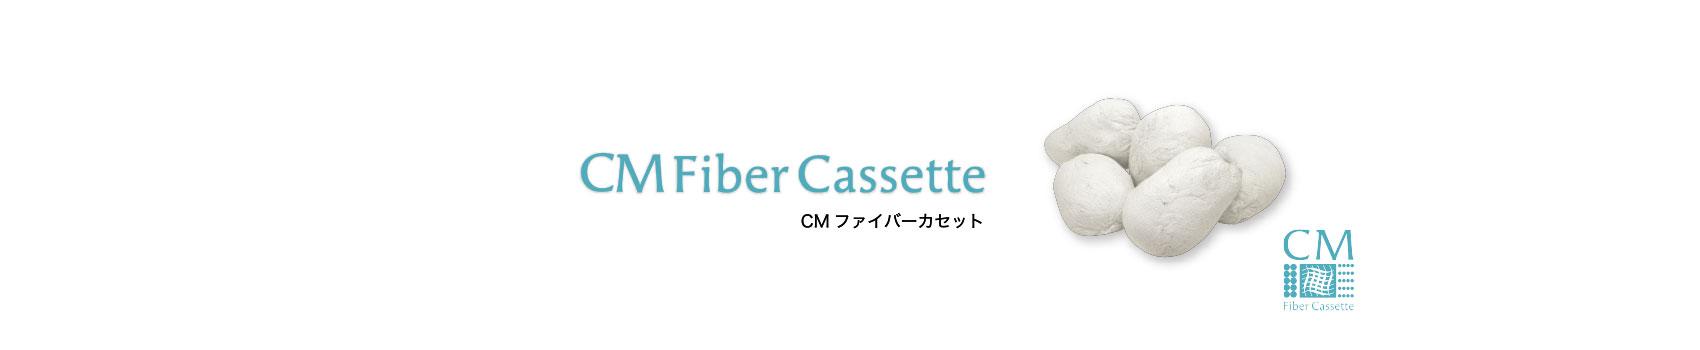 CM Fiber Cassette